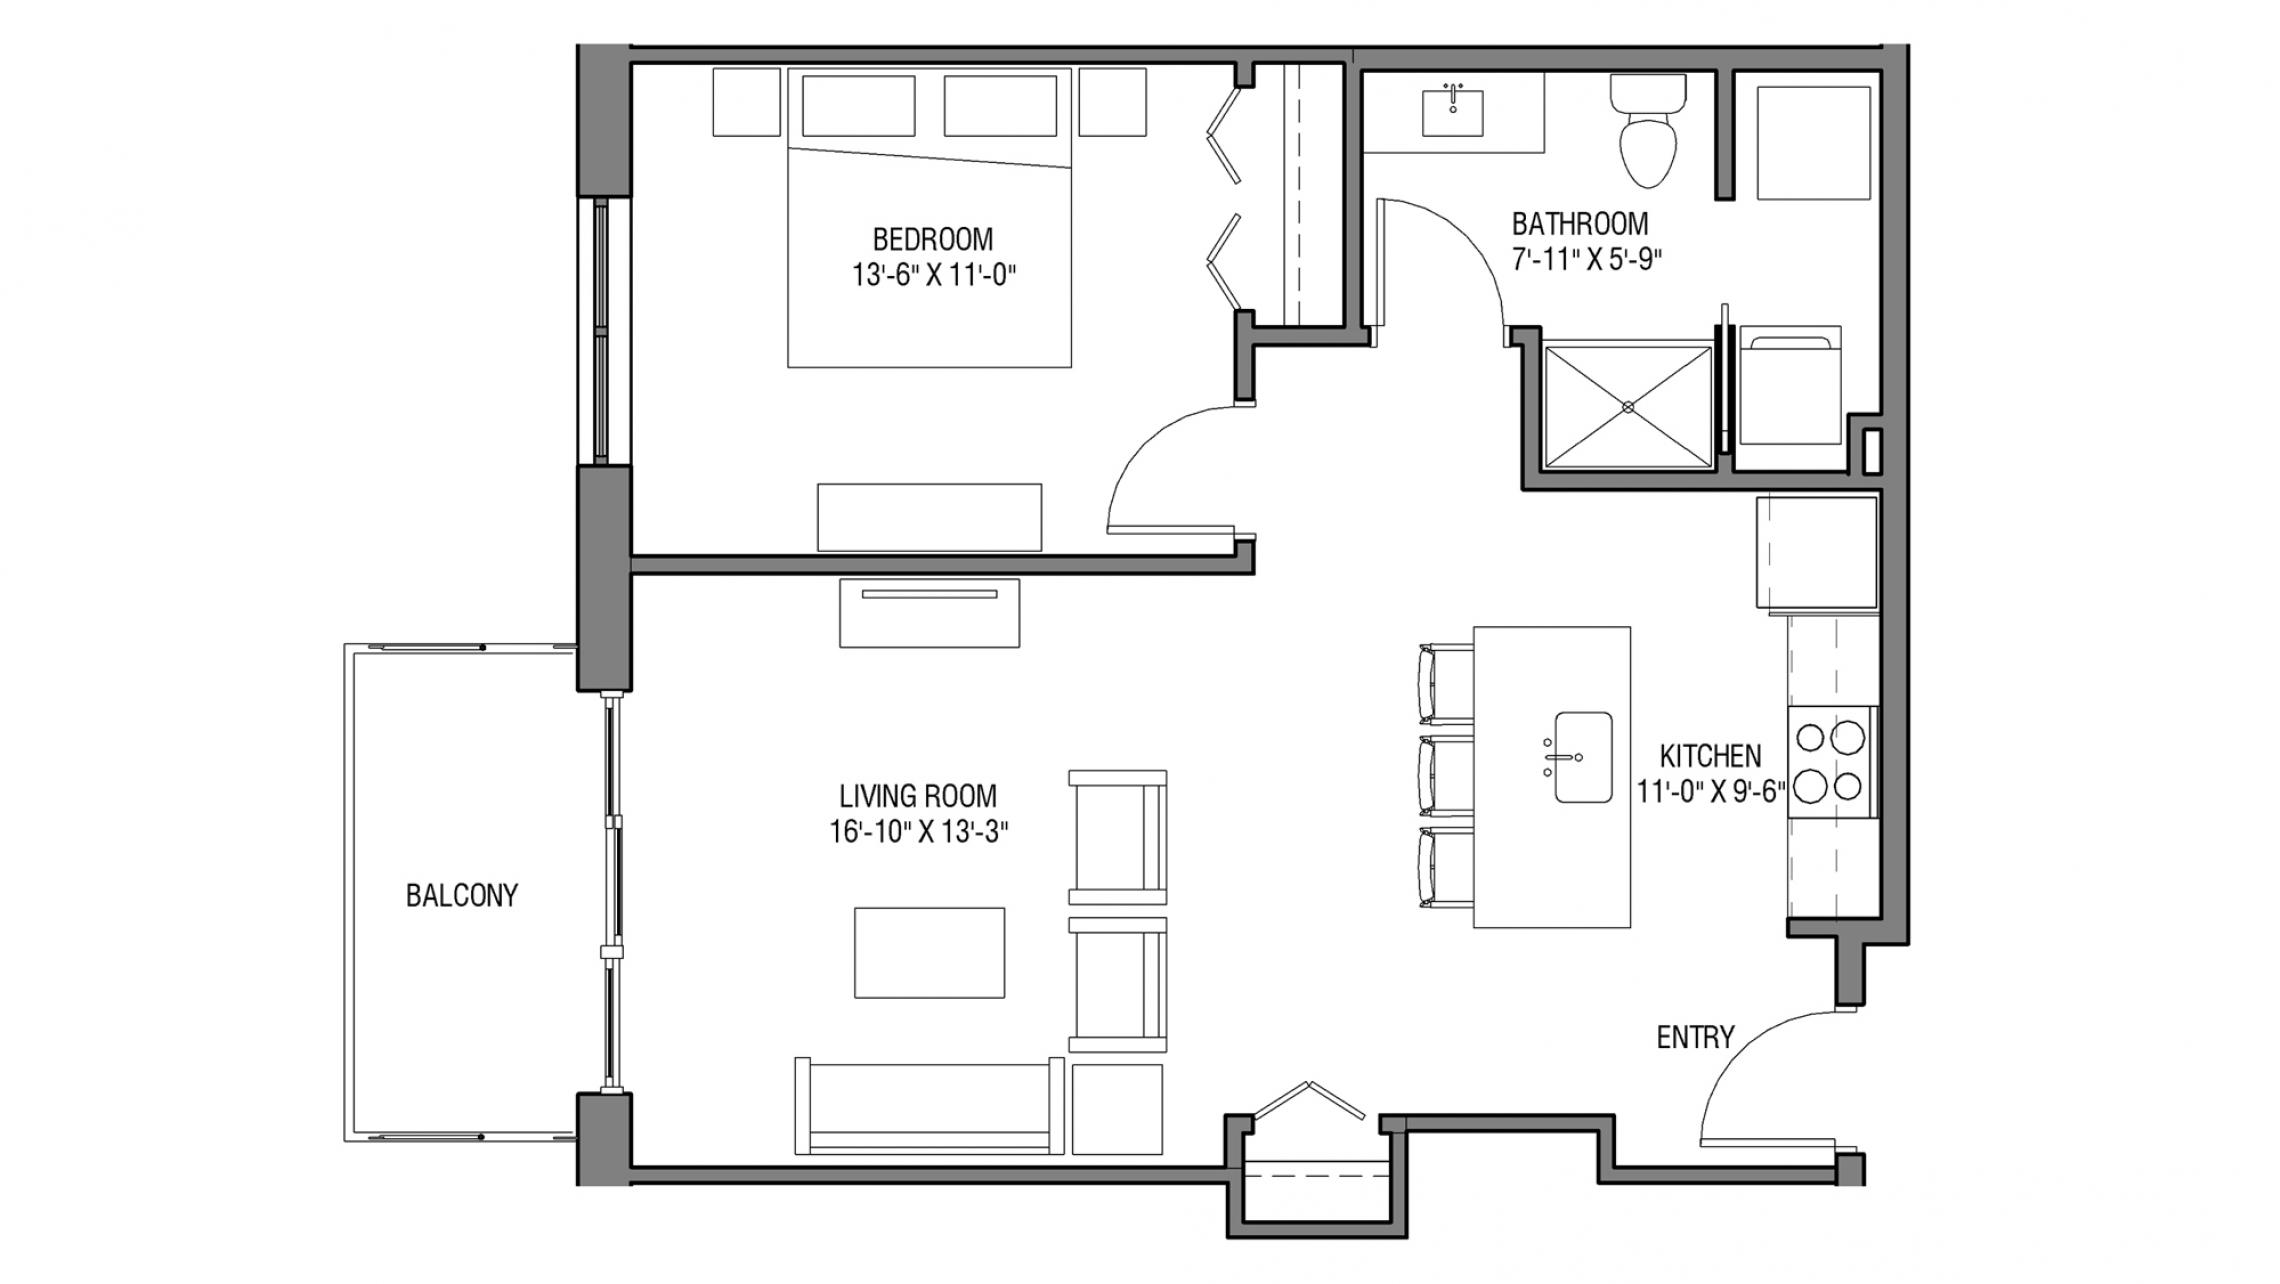 ULI Nine Line 220 - One Bedroom, One Bathroom